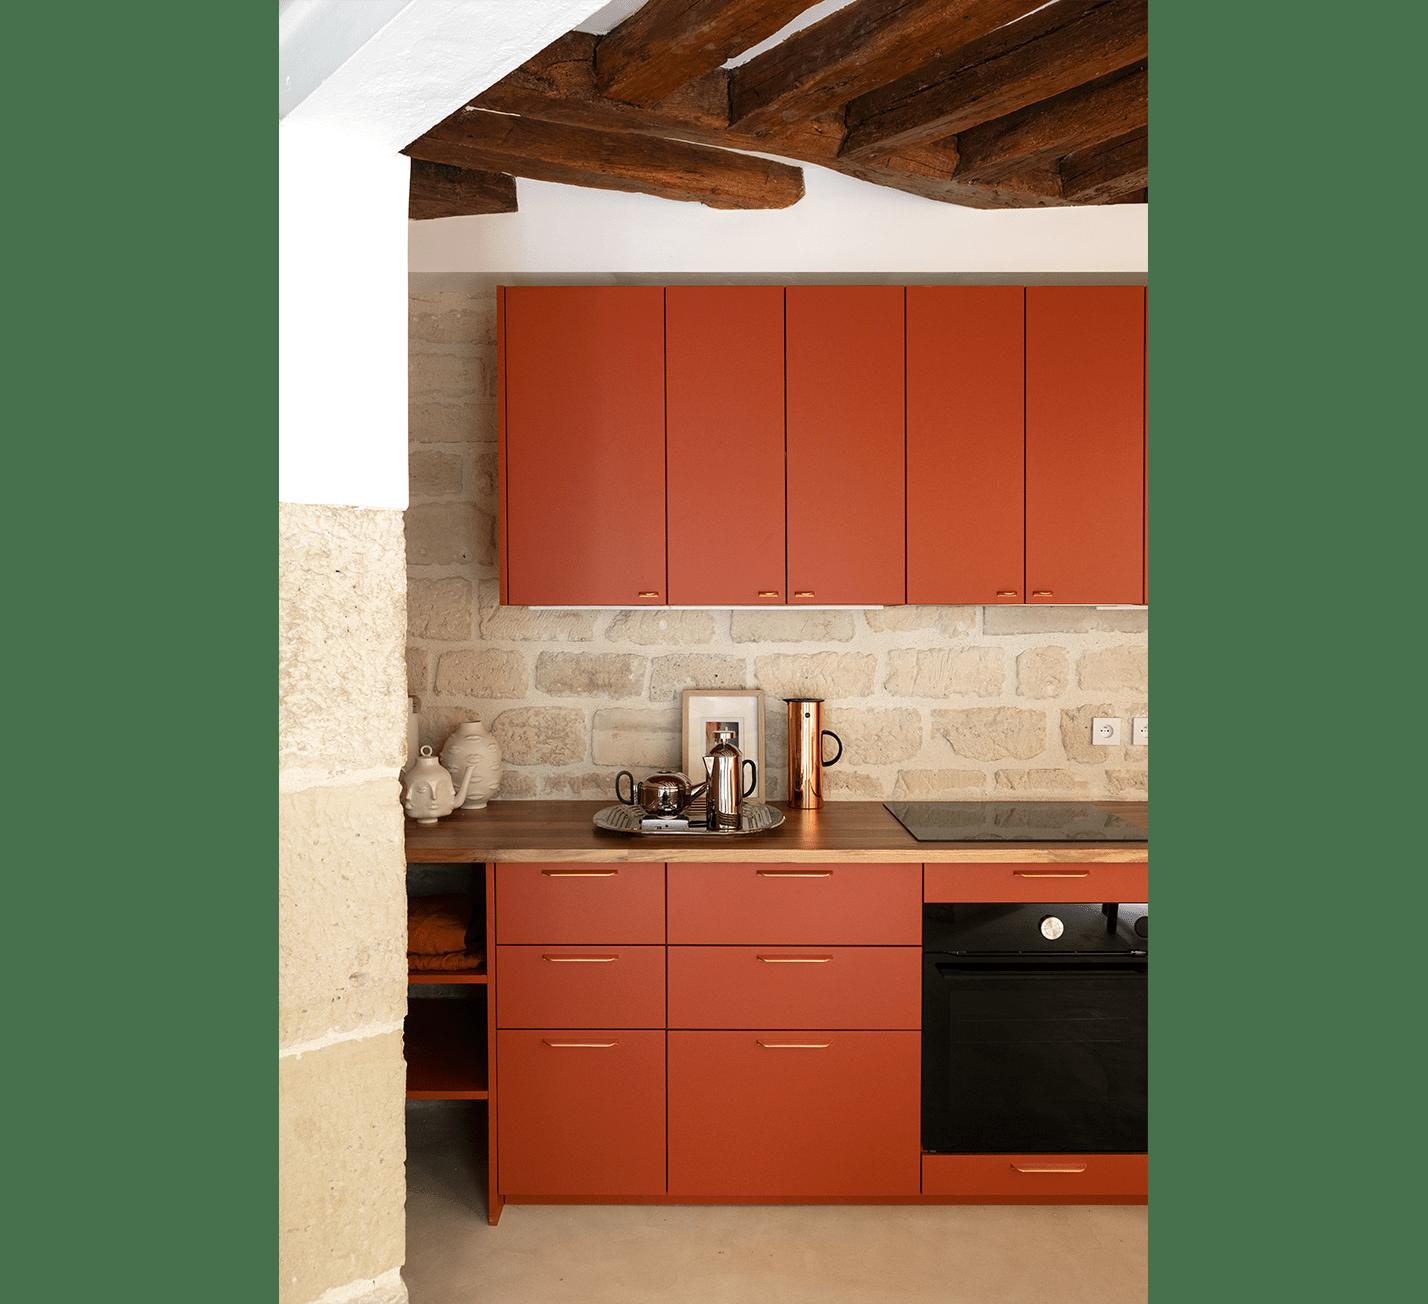 Projet-Gobelins-Atelier-Steve-Pauline-Borgia-Architecte-interieur-03-min